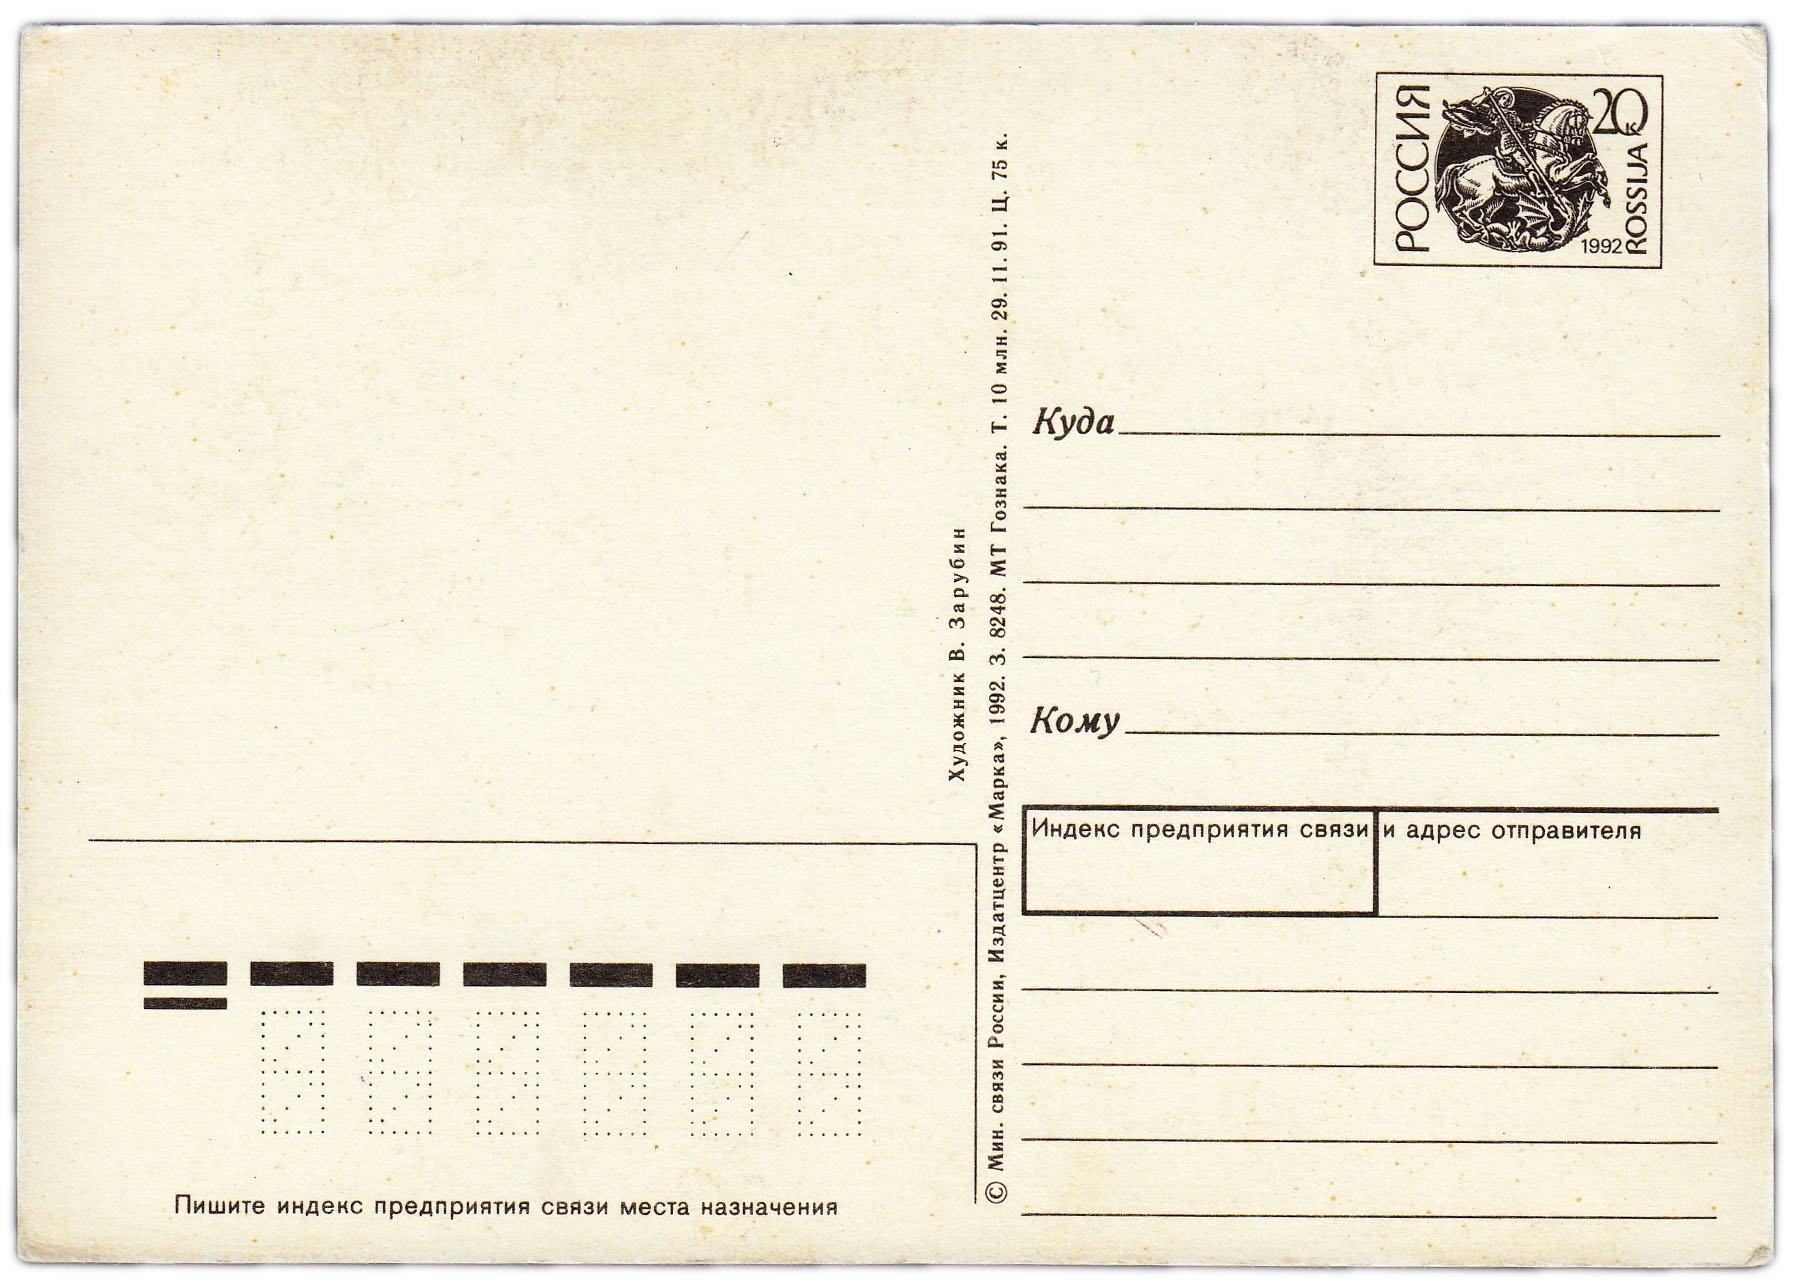 письмо открытка доставлено адресату всей